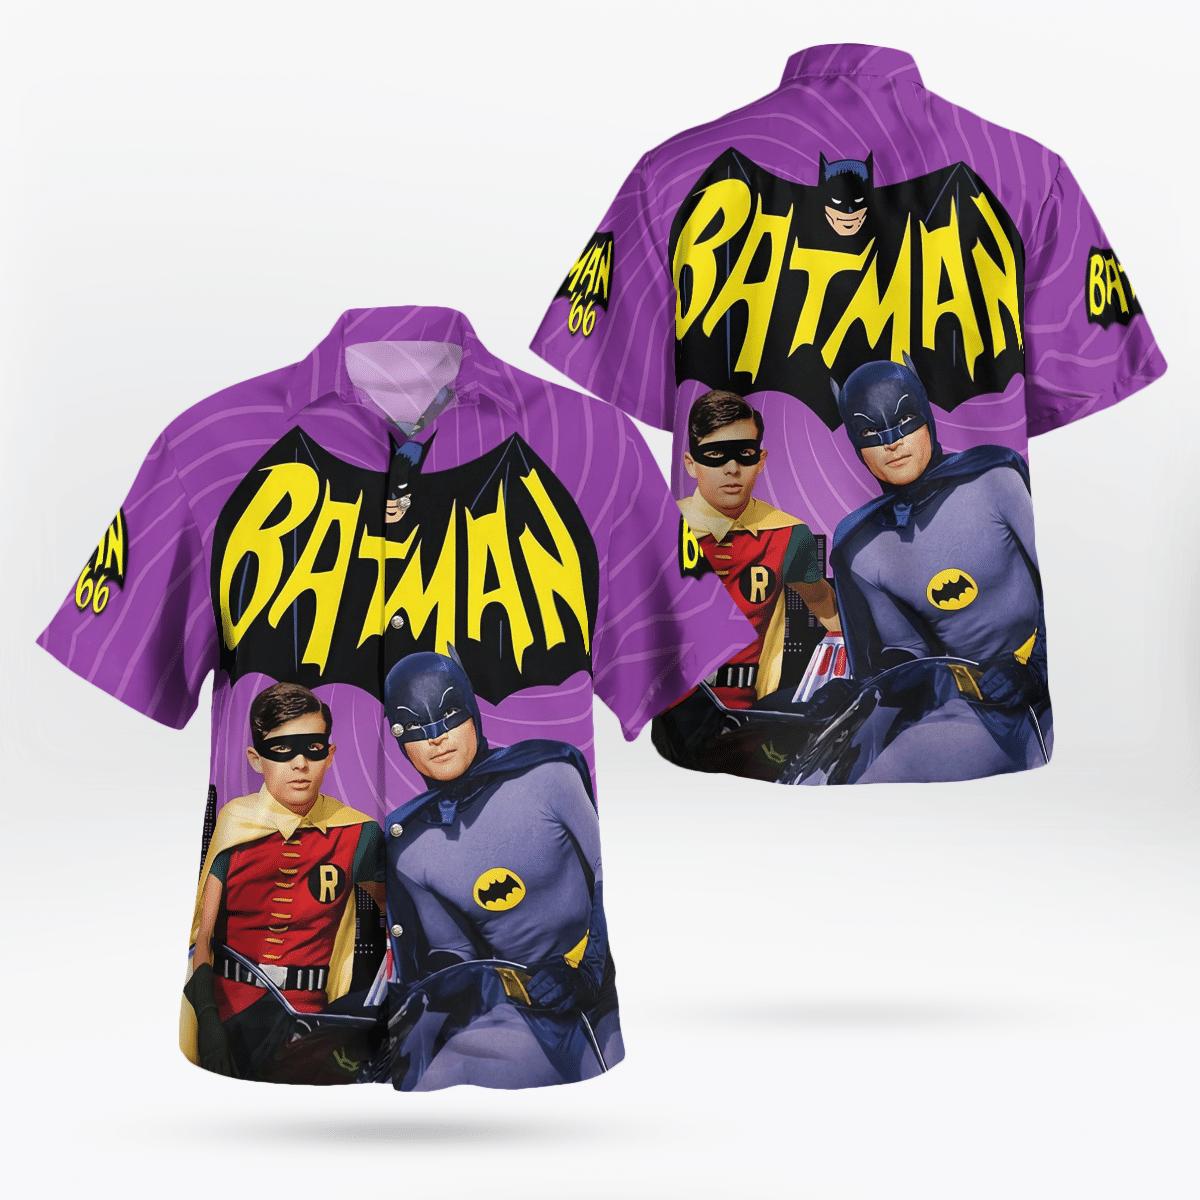 Batman and Robin 66 Hawaiian Shirt